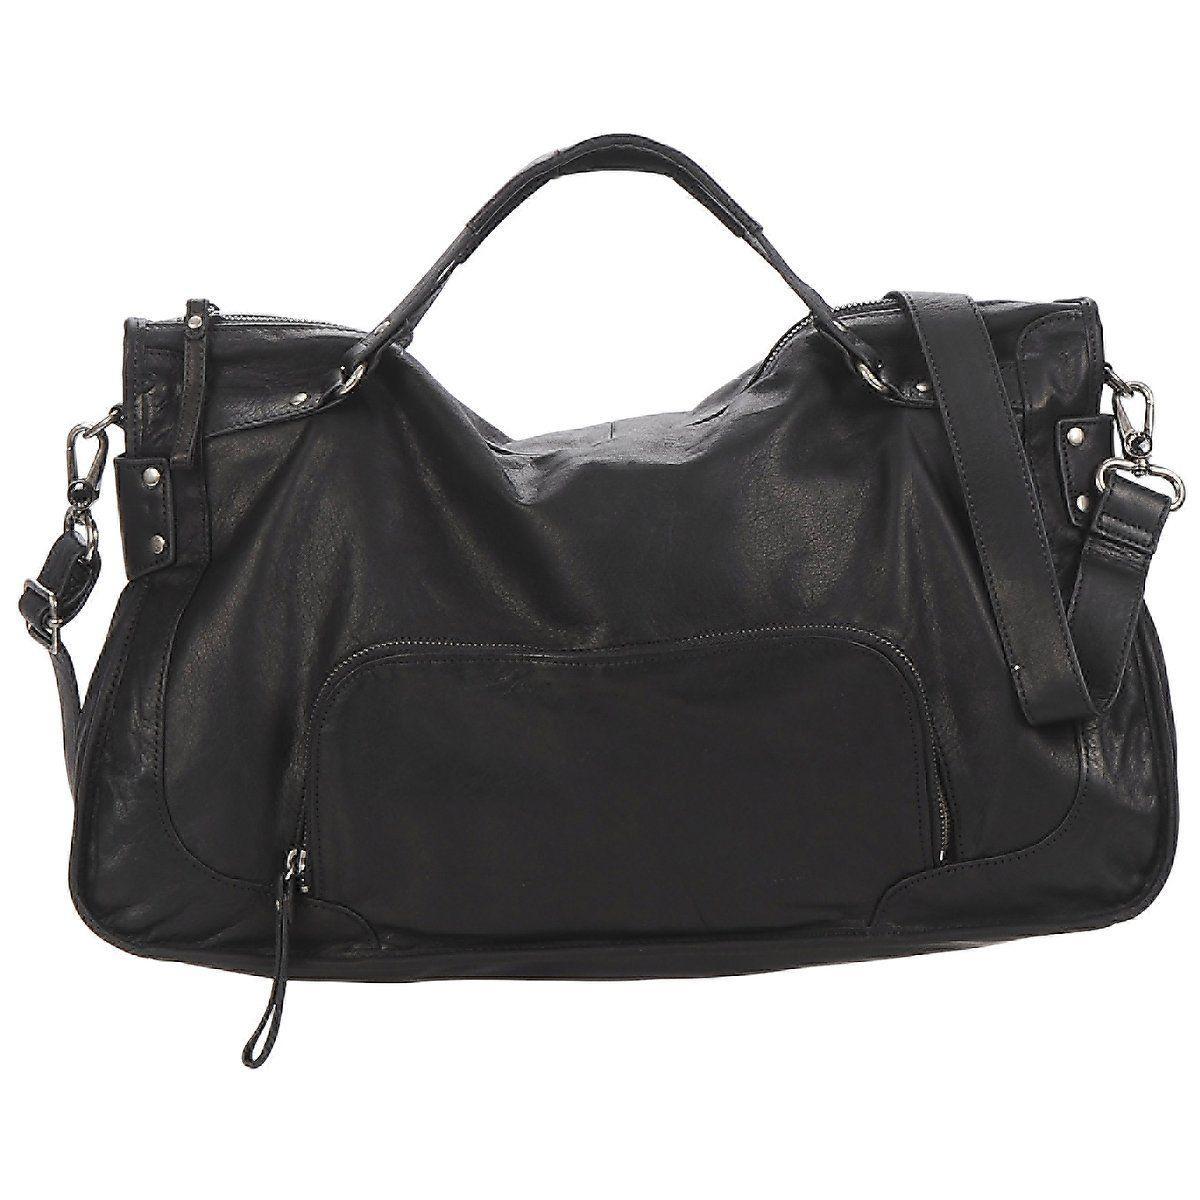 Couture Bags Recherche Noir Sac GoogleAccessories Pinterest IY76gbfyvm